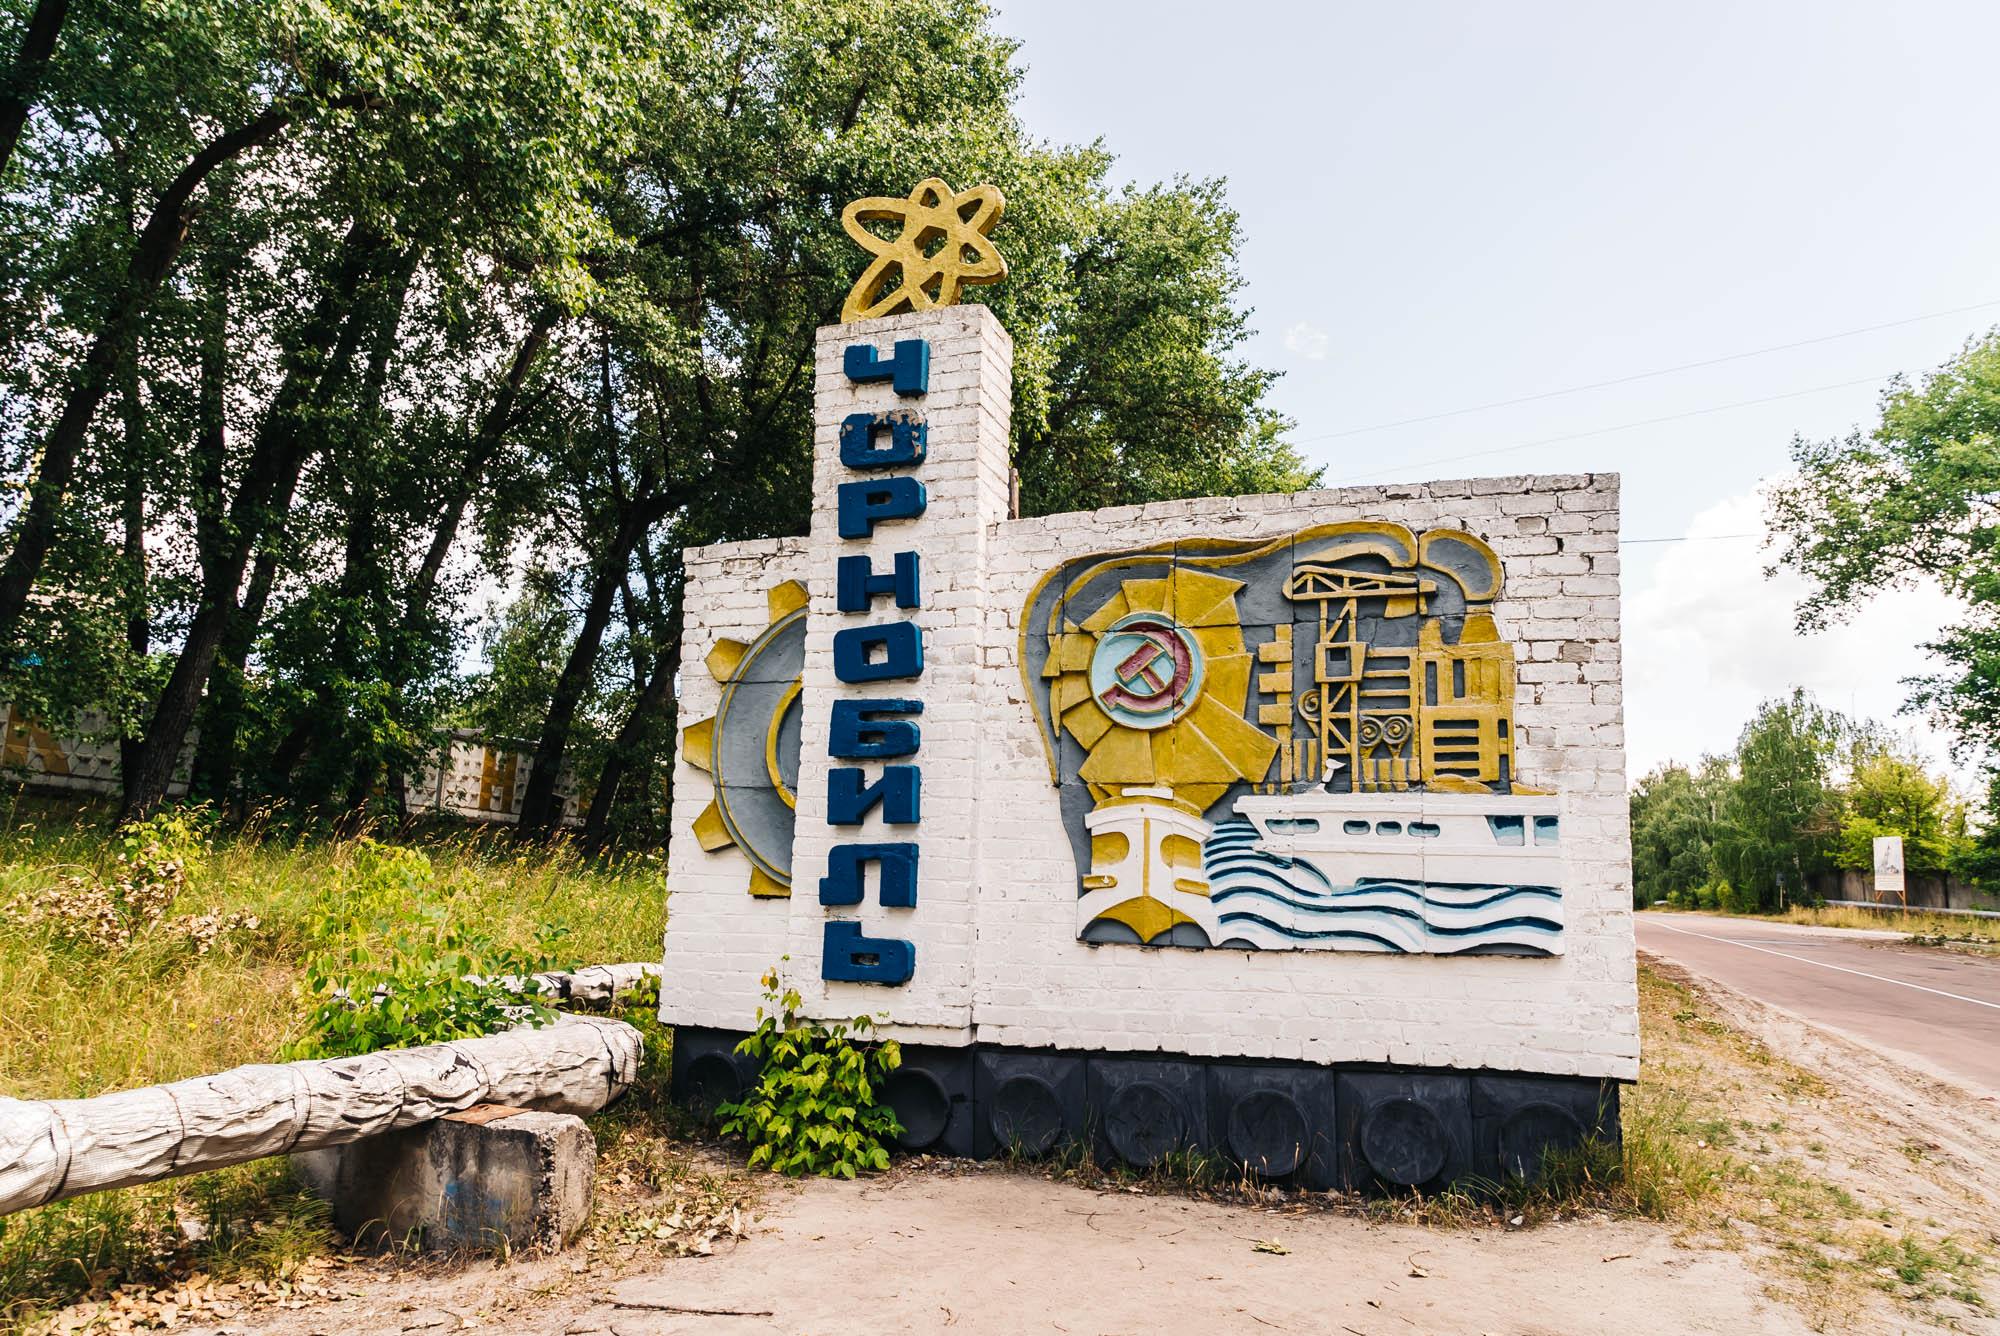 Chernobyl entrance sign